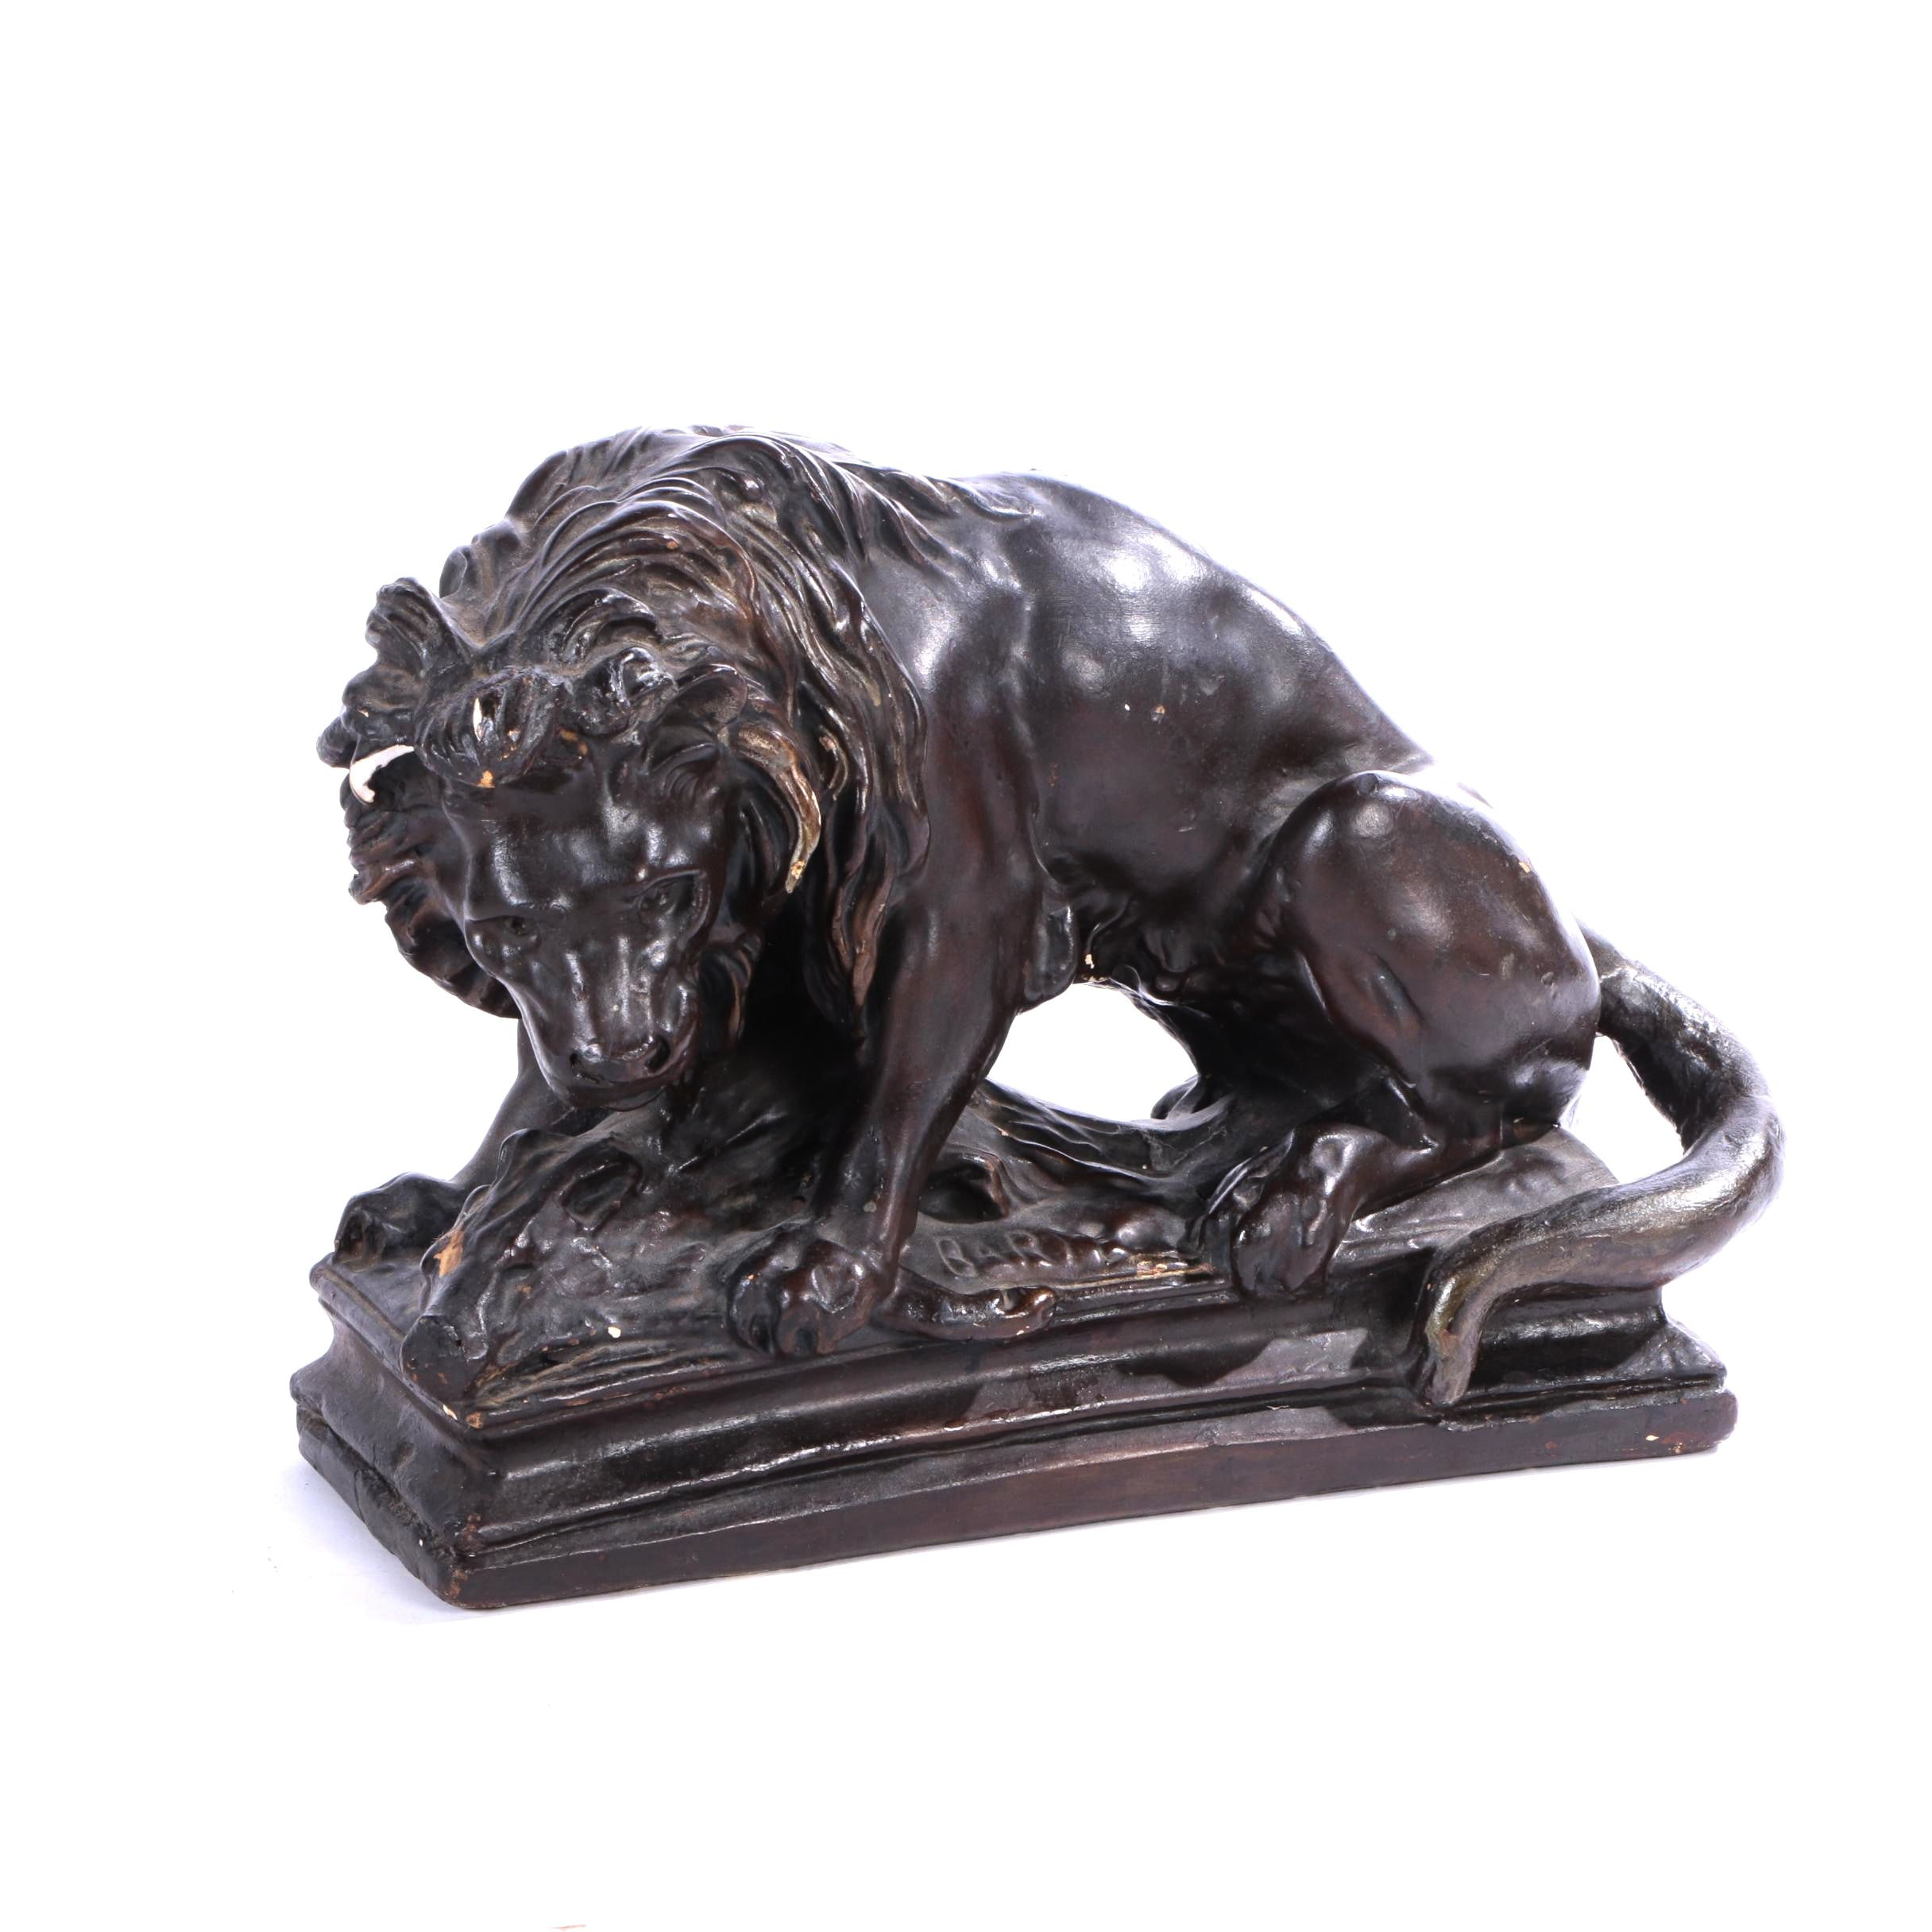 Vintage Plaster Barbary Lion Figurine